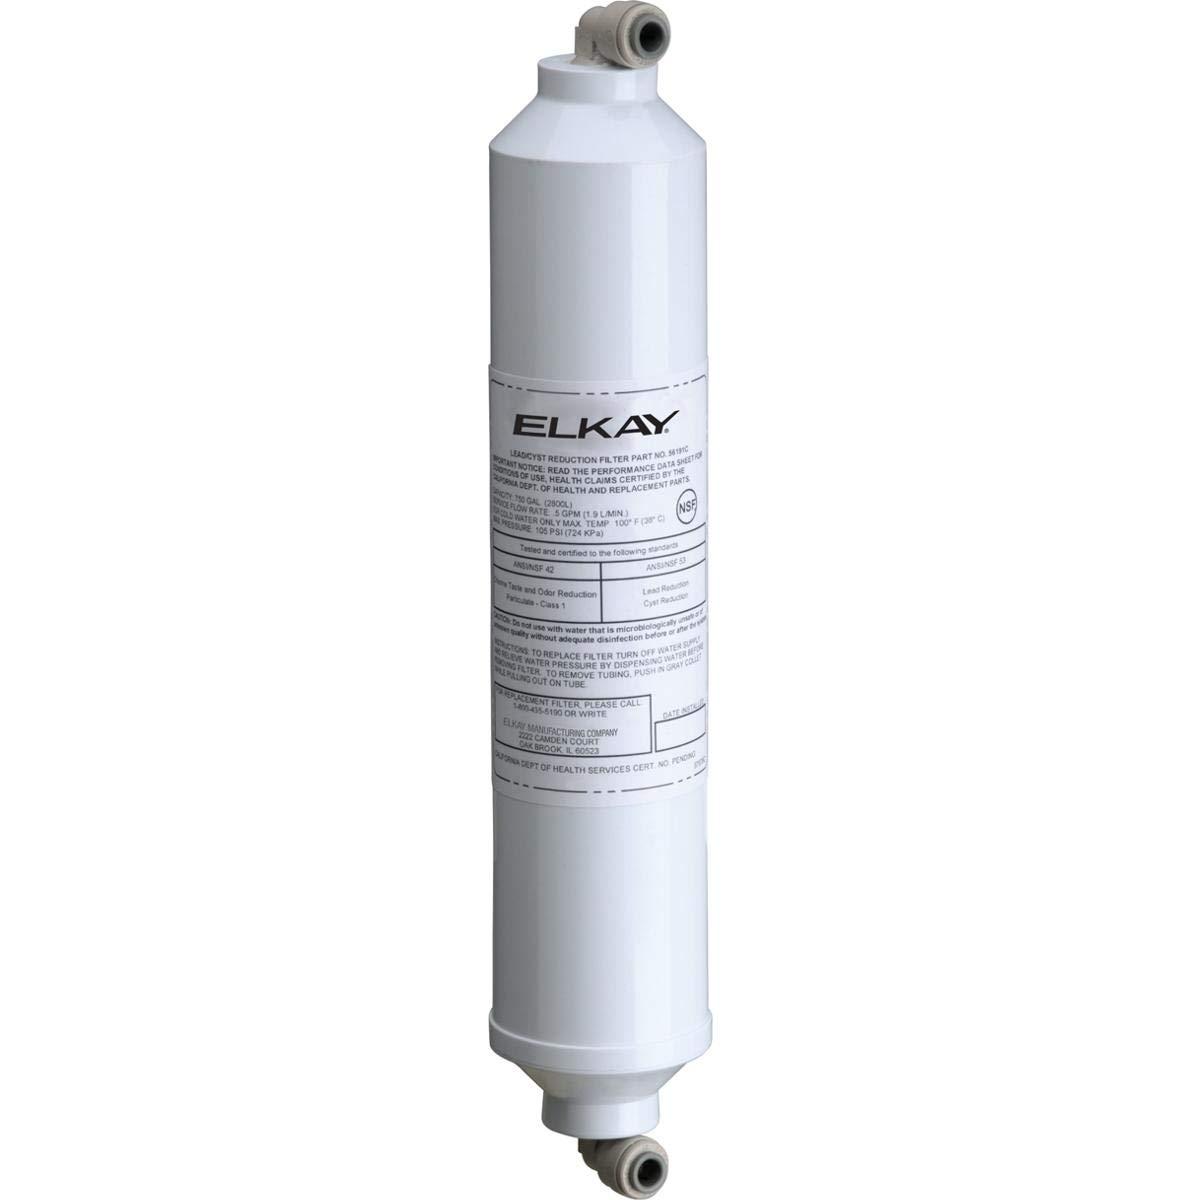 Elkay 56192C Aqua Water Cooler/Chiller Accessories